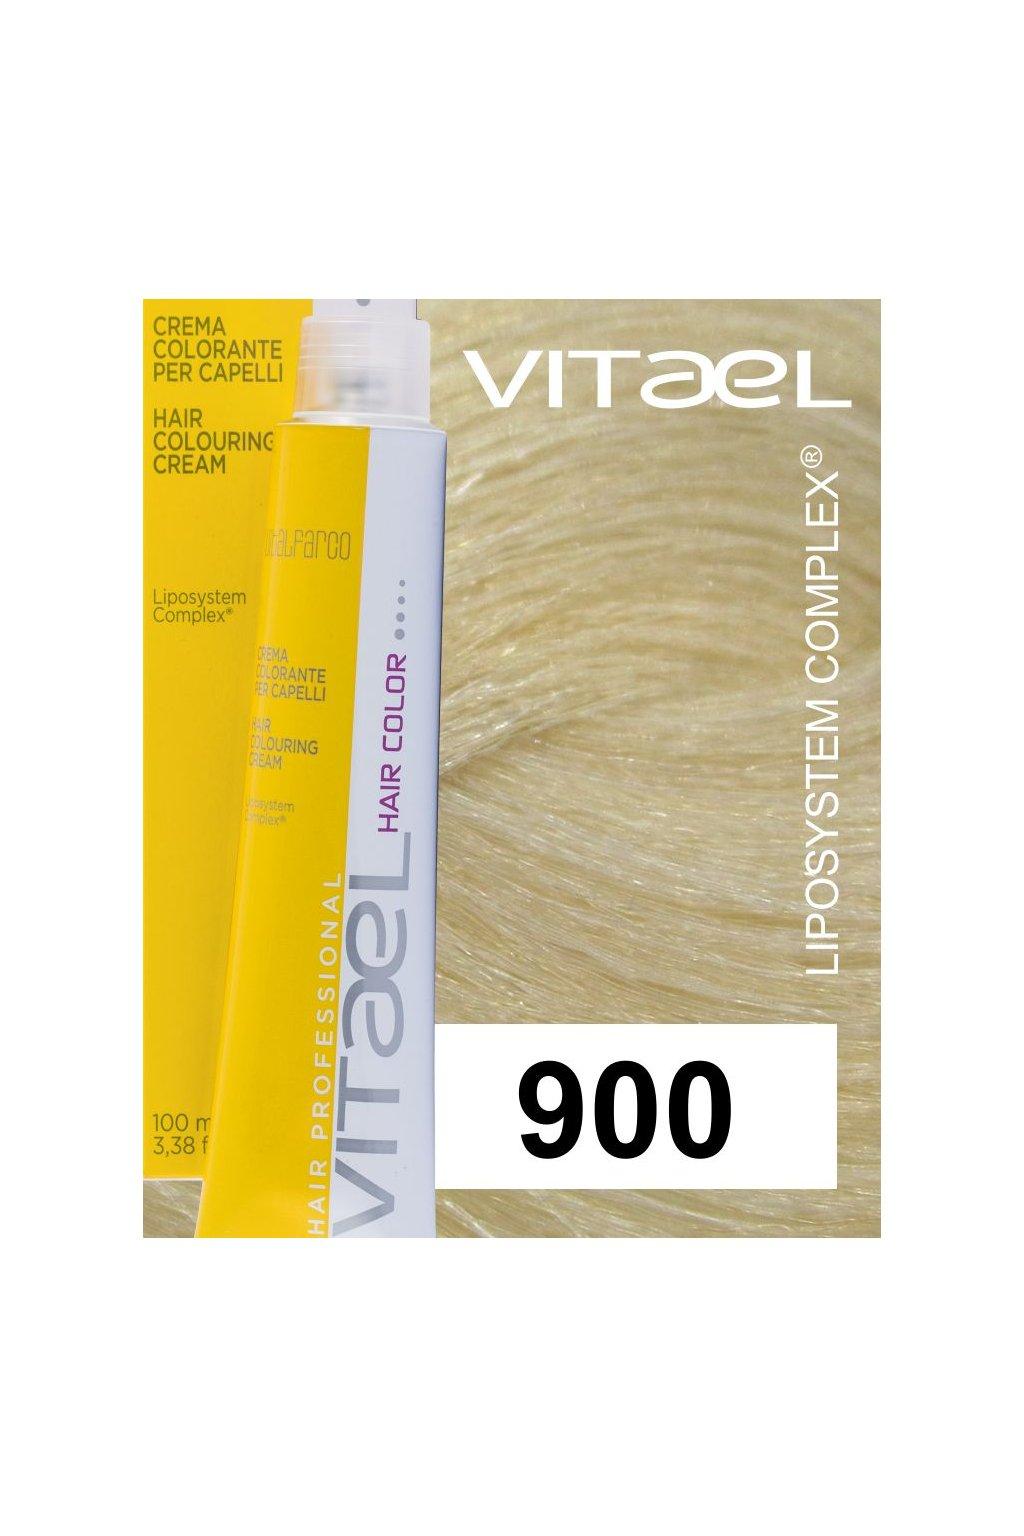 900 VIT